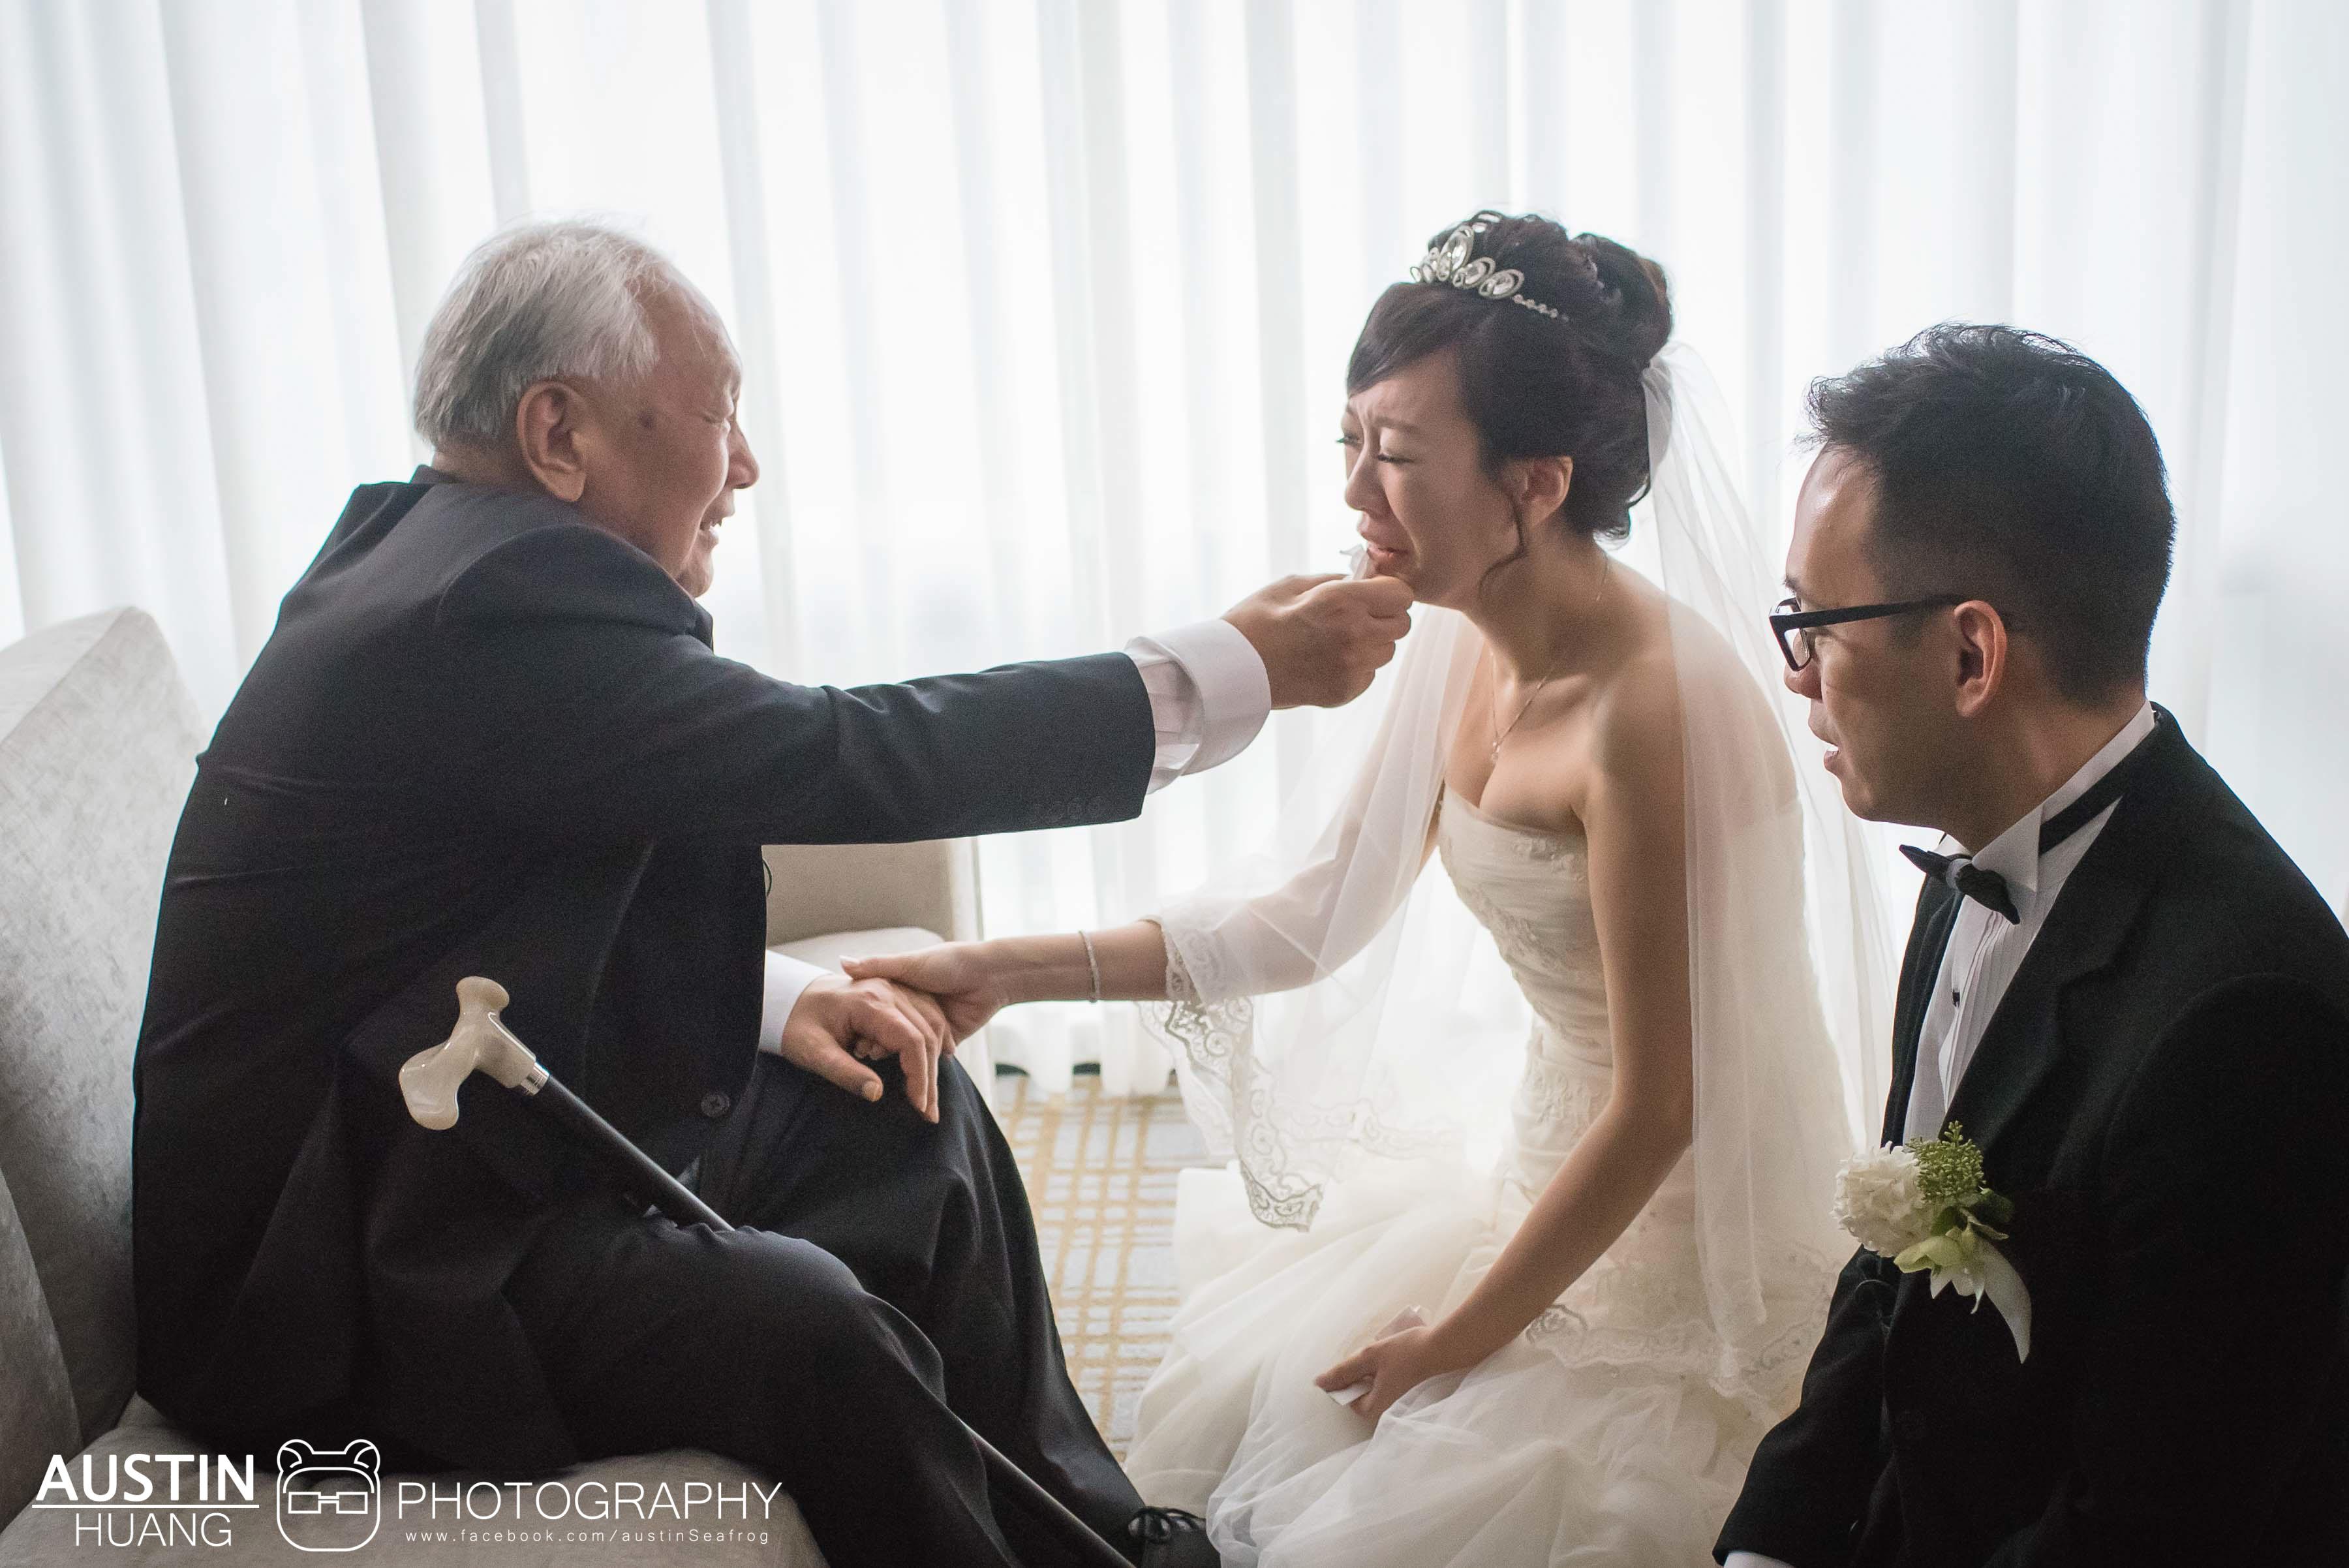 austinseafrog/海蛙攝影/婚攝海蛙婚禮攝影/婚禮紀錄/拍婚禮/婚攝/婚禮錄影/新祕/台北萬豪酒店/拜別